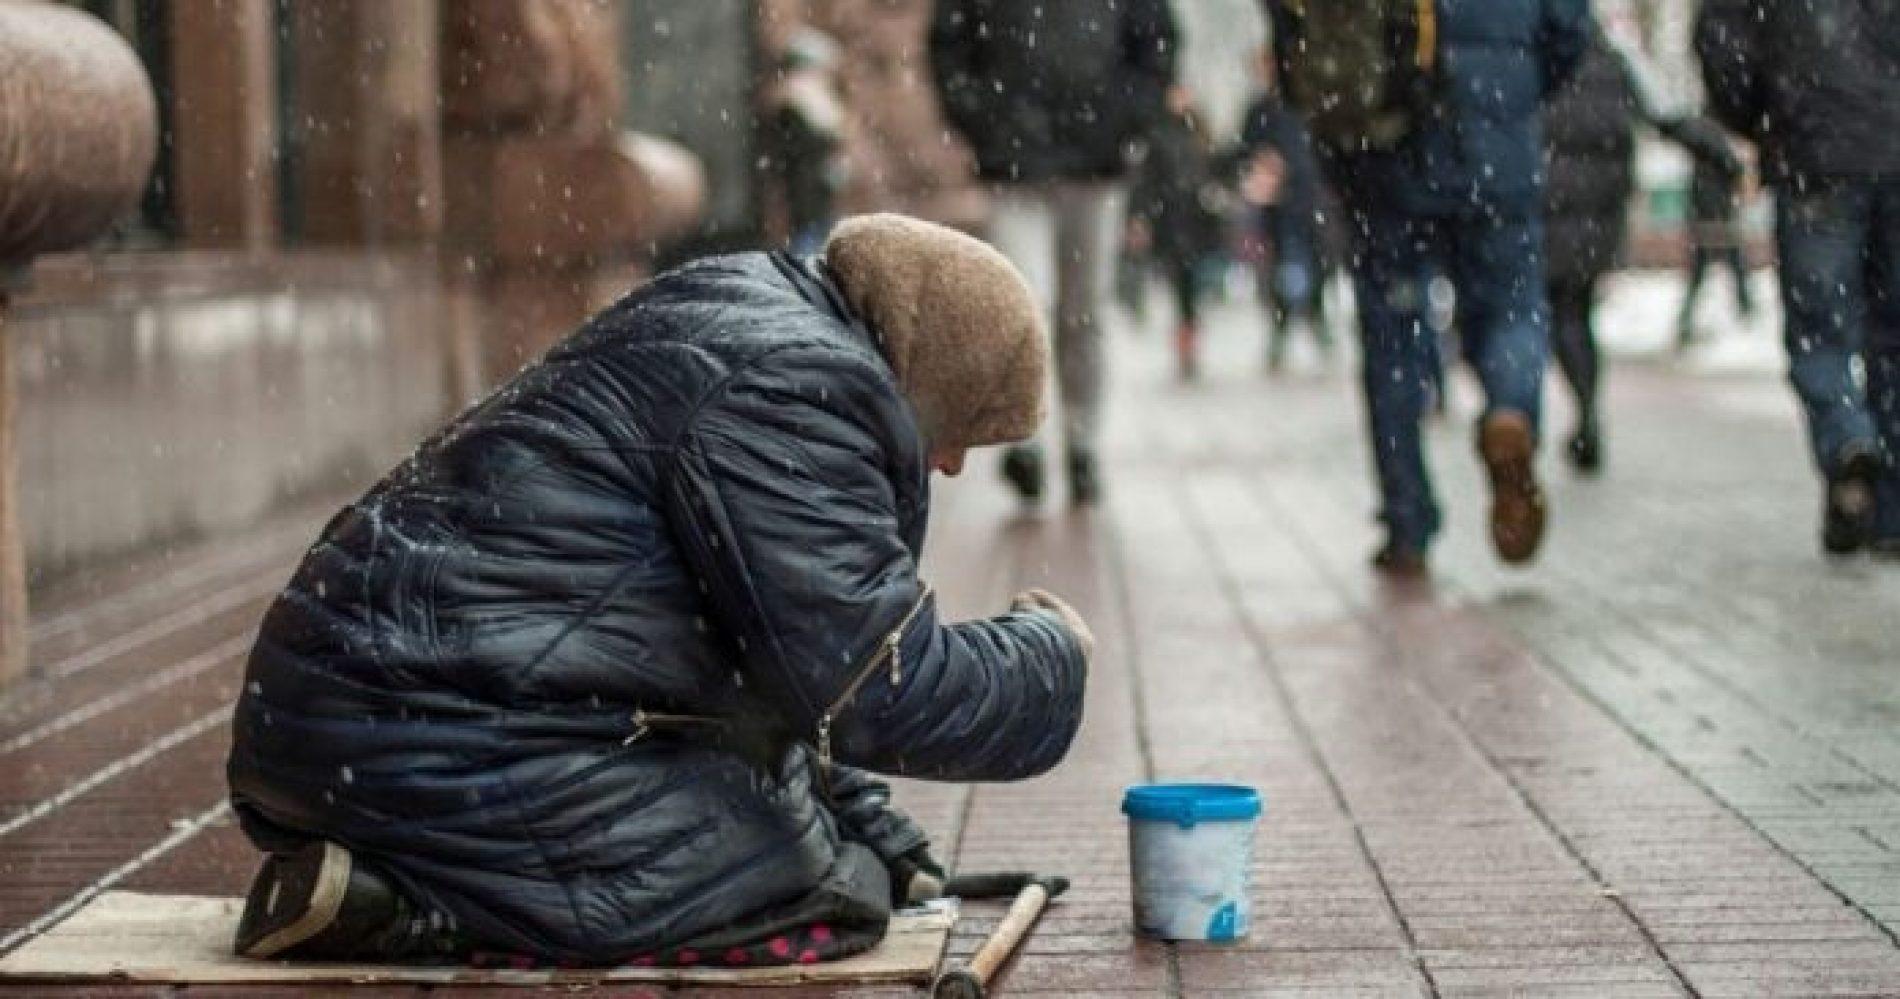 Suède – La commune d'Eskilstuna instaure un permis de mendier